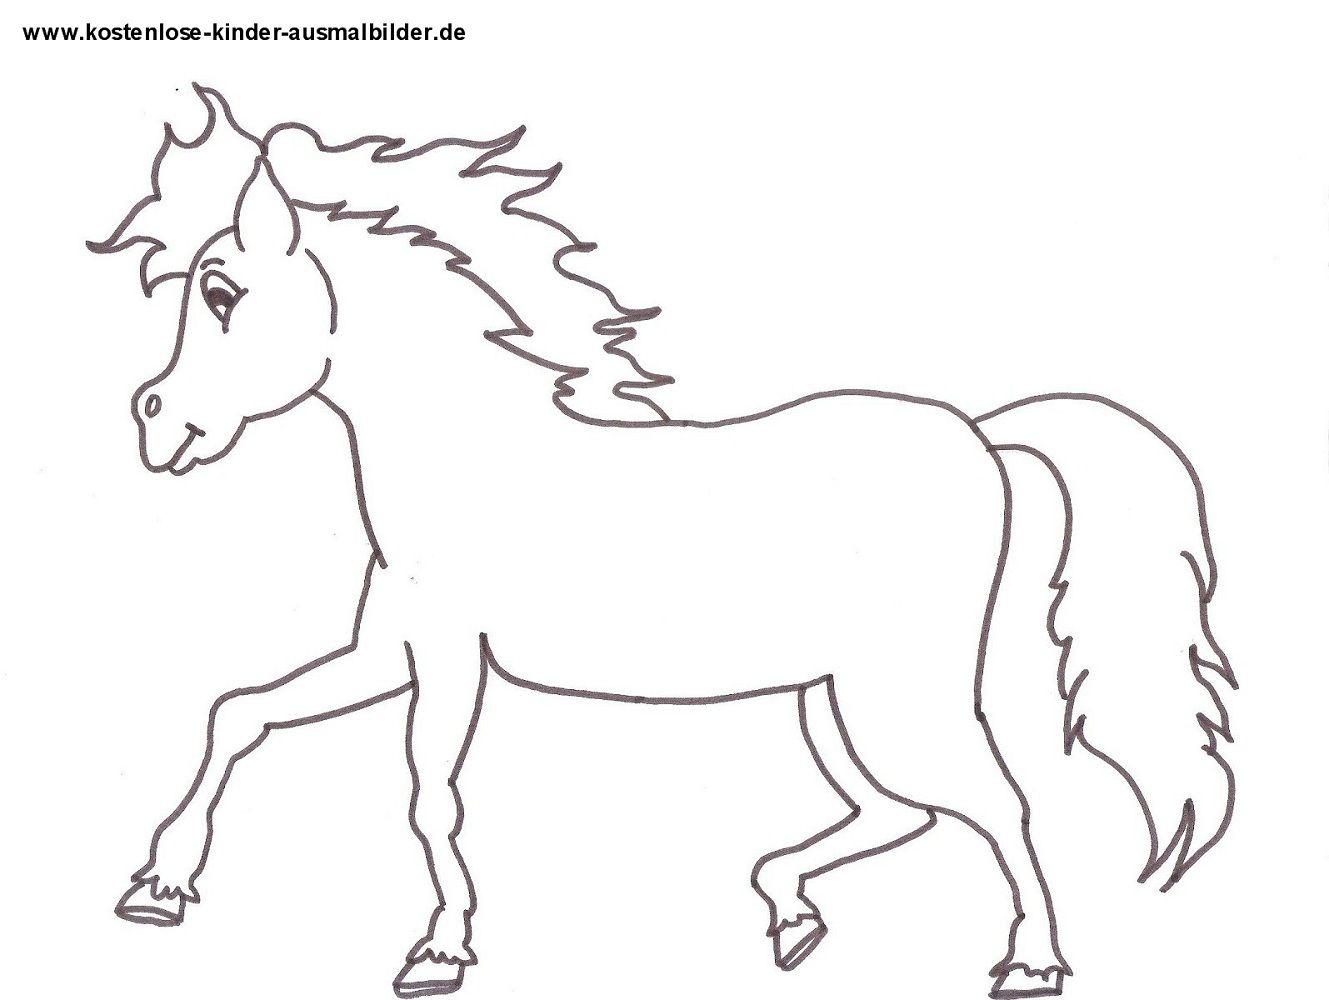 Ausmalbilder Pferde Kostenlose (Mit Bildern) | Malvorlagen innen Pferde Bilder Zum Ausmalen Und Ausdrucken Kostenlos